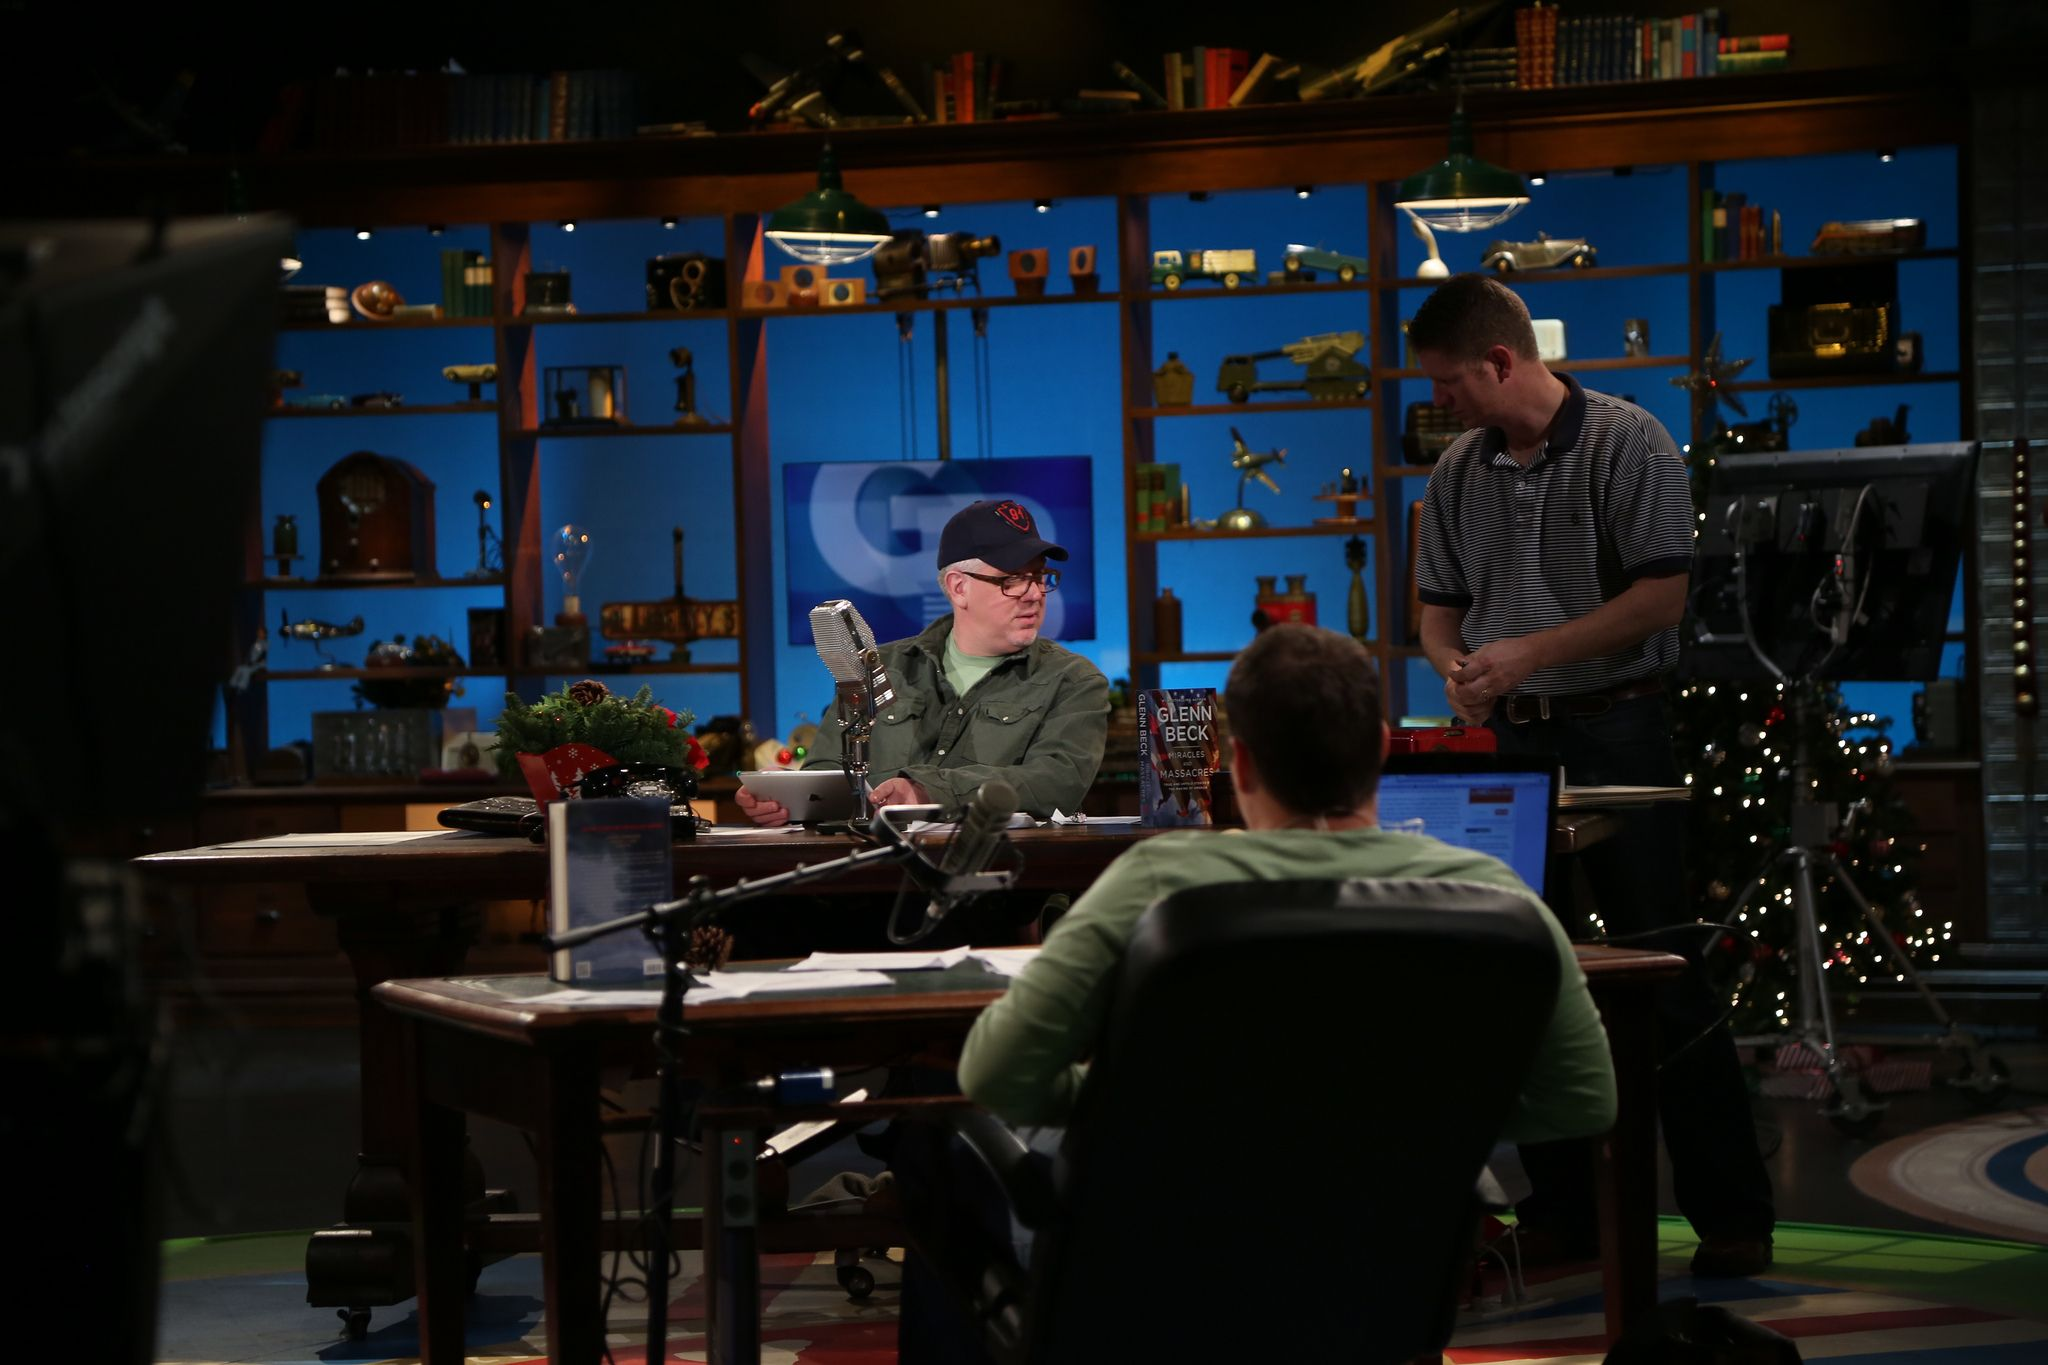 Glenn beck theblaze behind the scenes scenes scene